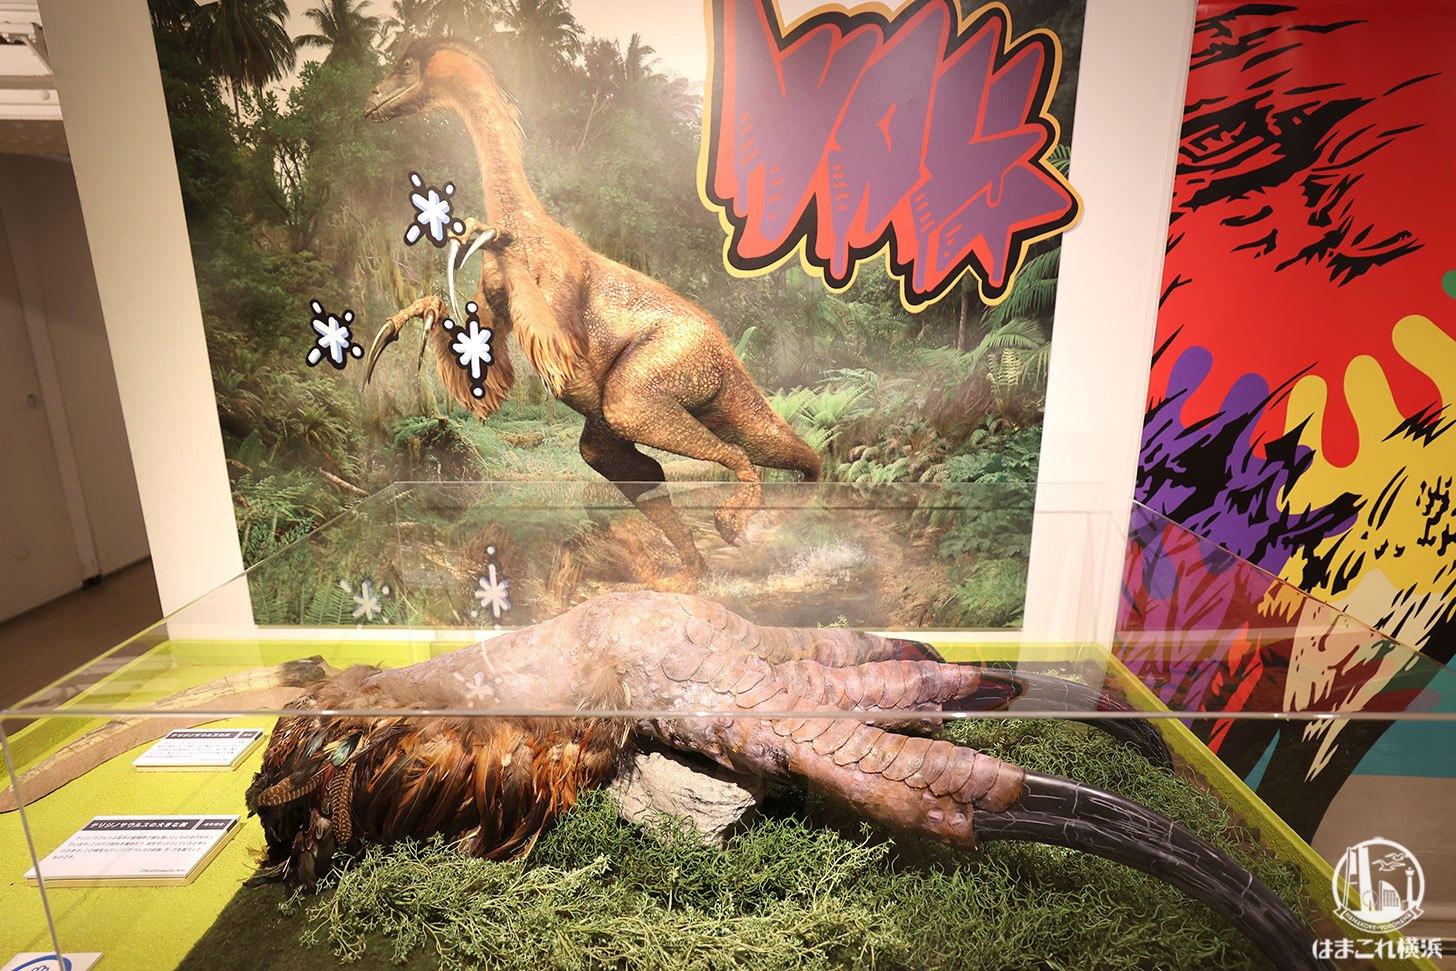 テリジノサウルス 前あし